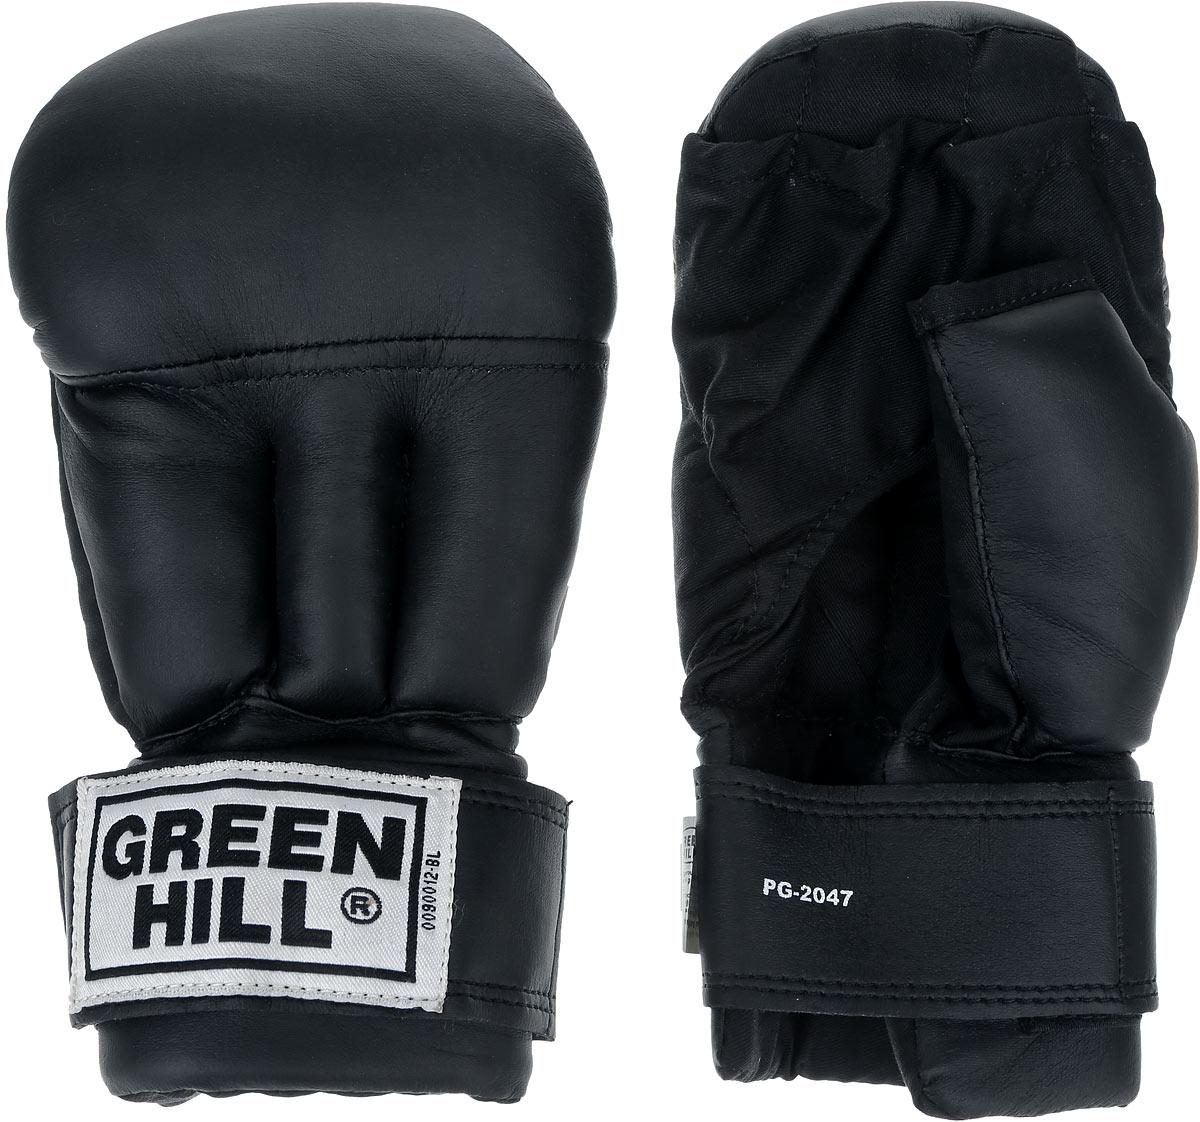 Перчатки для рукопашного боя Green Hill, цвет: черный. Размер XL. PG-2047PG-2047Перчатки для рукопашного боя Green Hill произведены из высококачественной искусственной кожи. Подойдут для занятий смешанными единоборствами. Конструкция предусматривает открытые пальцы - необходимый атрибут для проведения захватов. Манжеты на липучках позволяют быстро снимать и надевать перчатки без каких-либо неудобств.